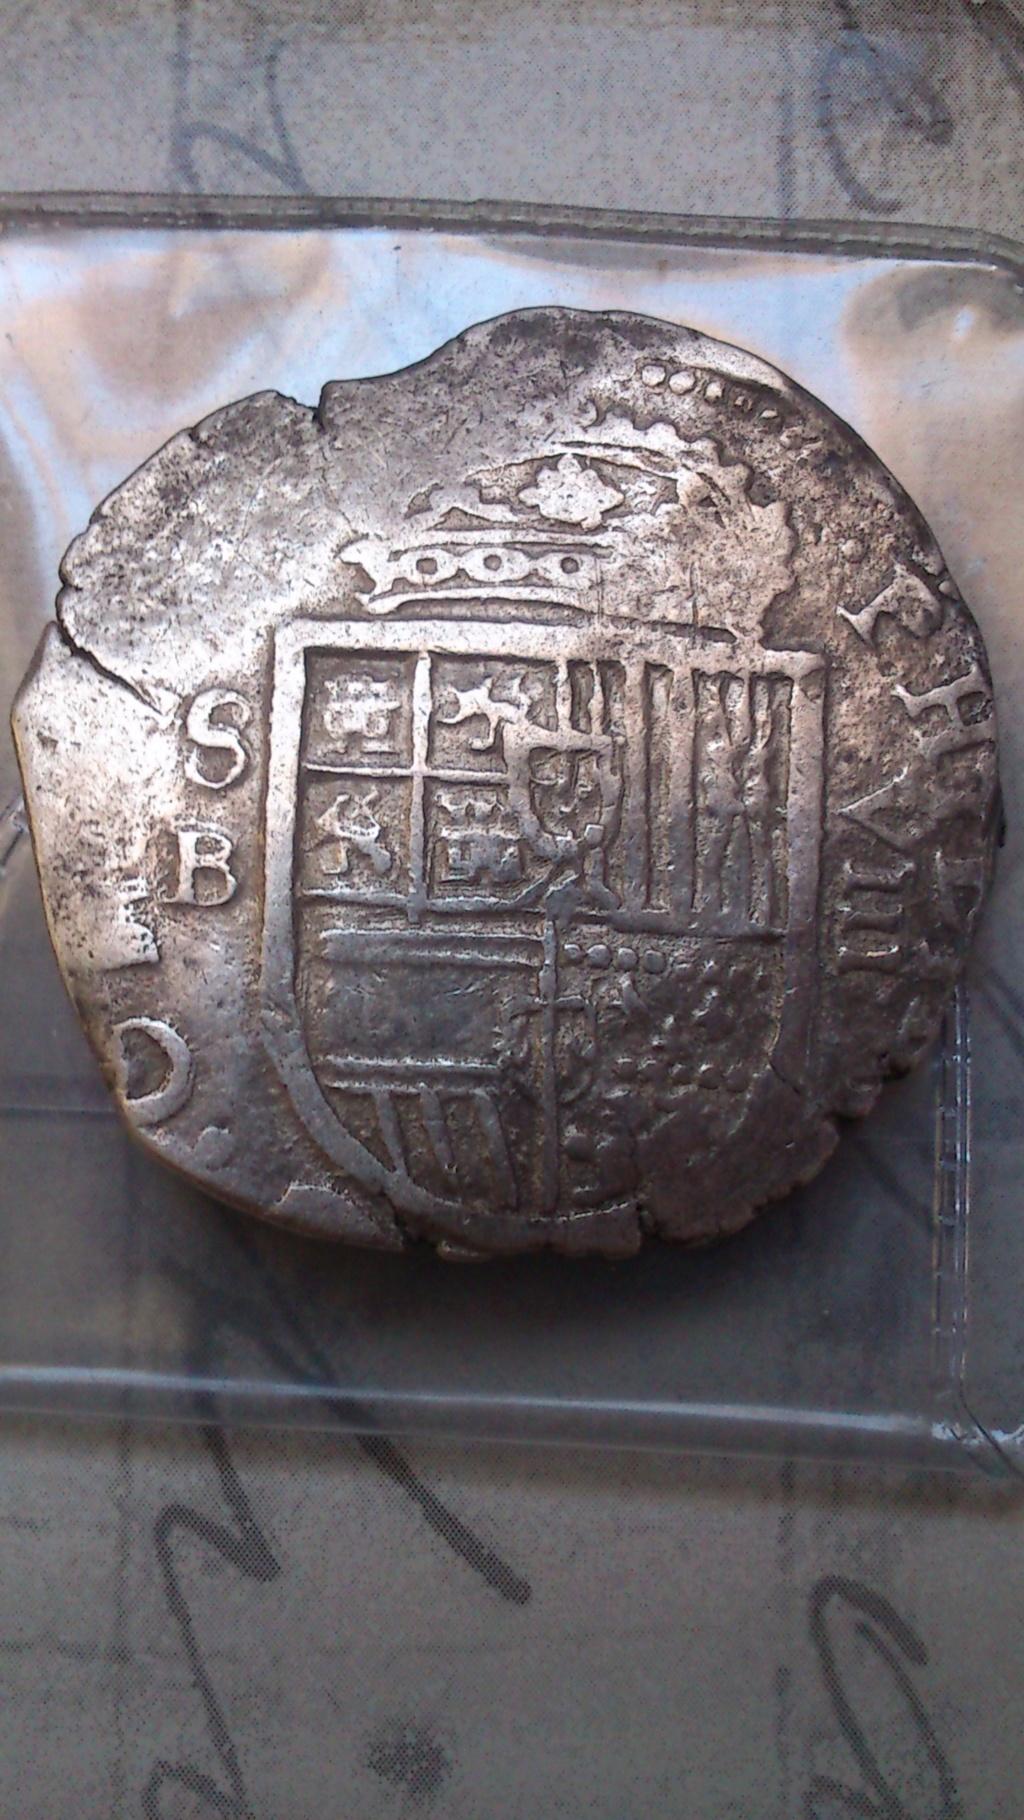 8 Reales de Felipe III. Tipo OMNIVM ceca de Sevilla. - Página 2 Dsc_0034